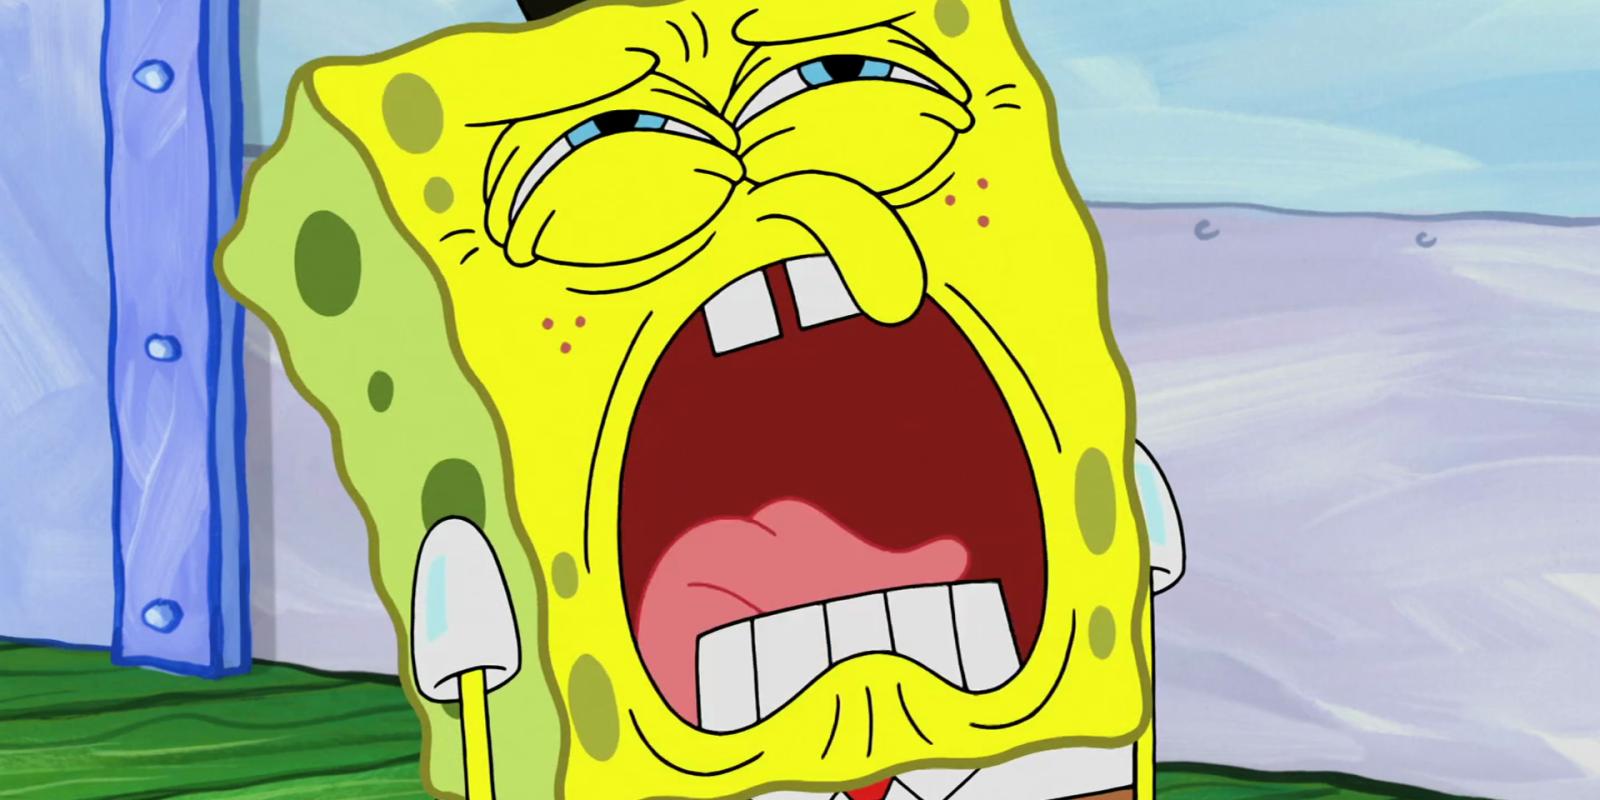 Don't believe that rumour about SpongeBob Squarepants ...